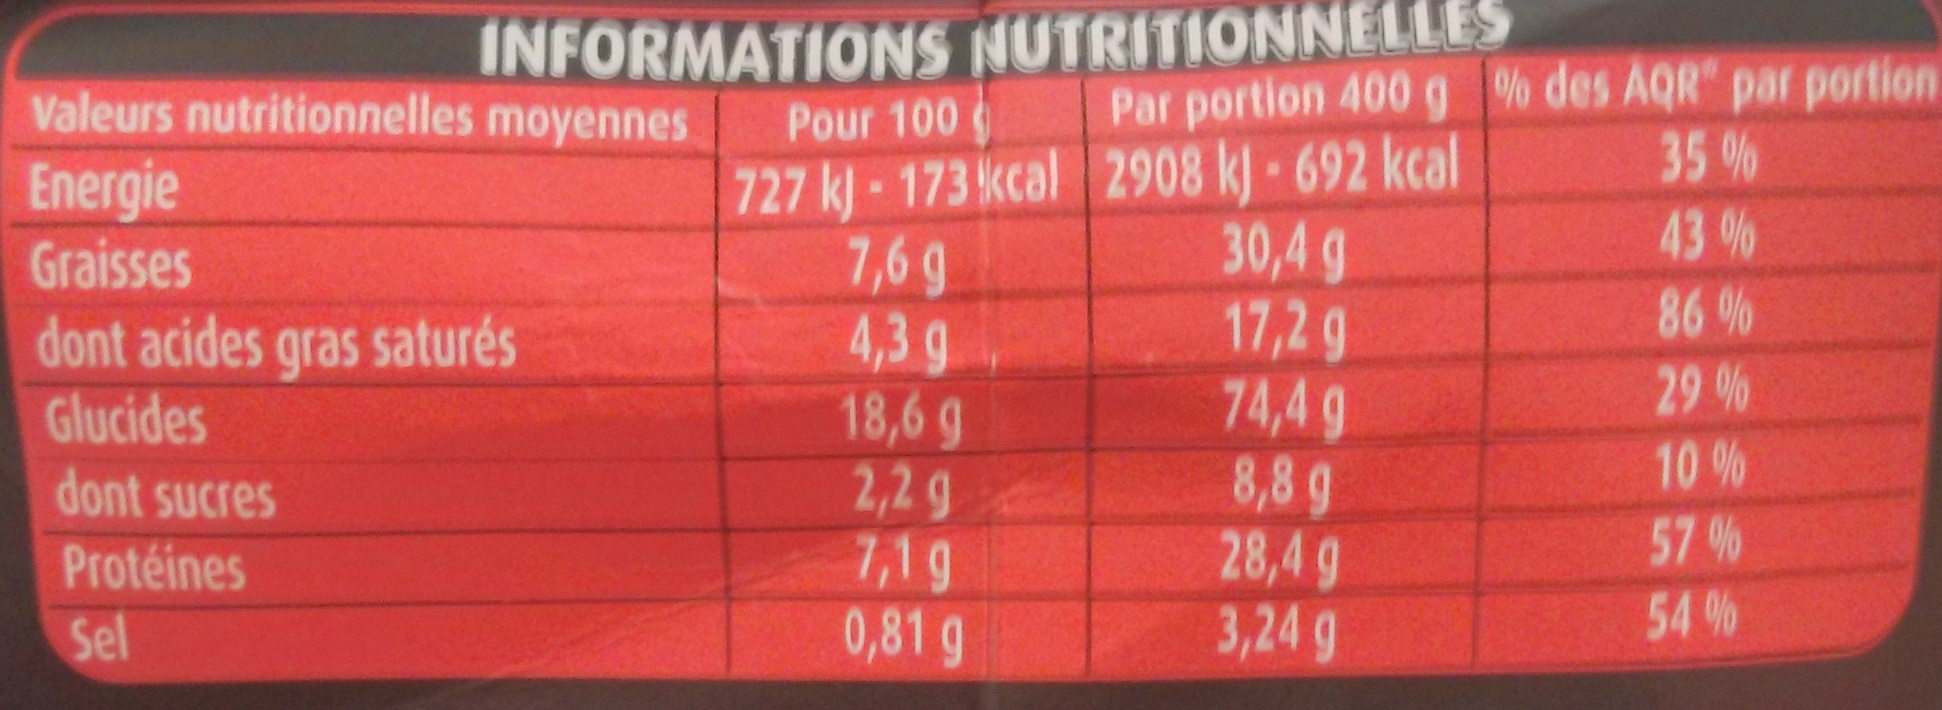 PastaBOX (Fusilli à la Carbonara aux pâtes fraîches) + 33 % Gratuit - Nutrition facts - fr